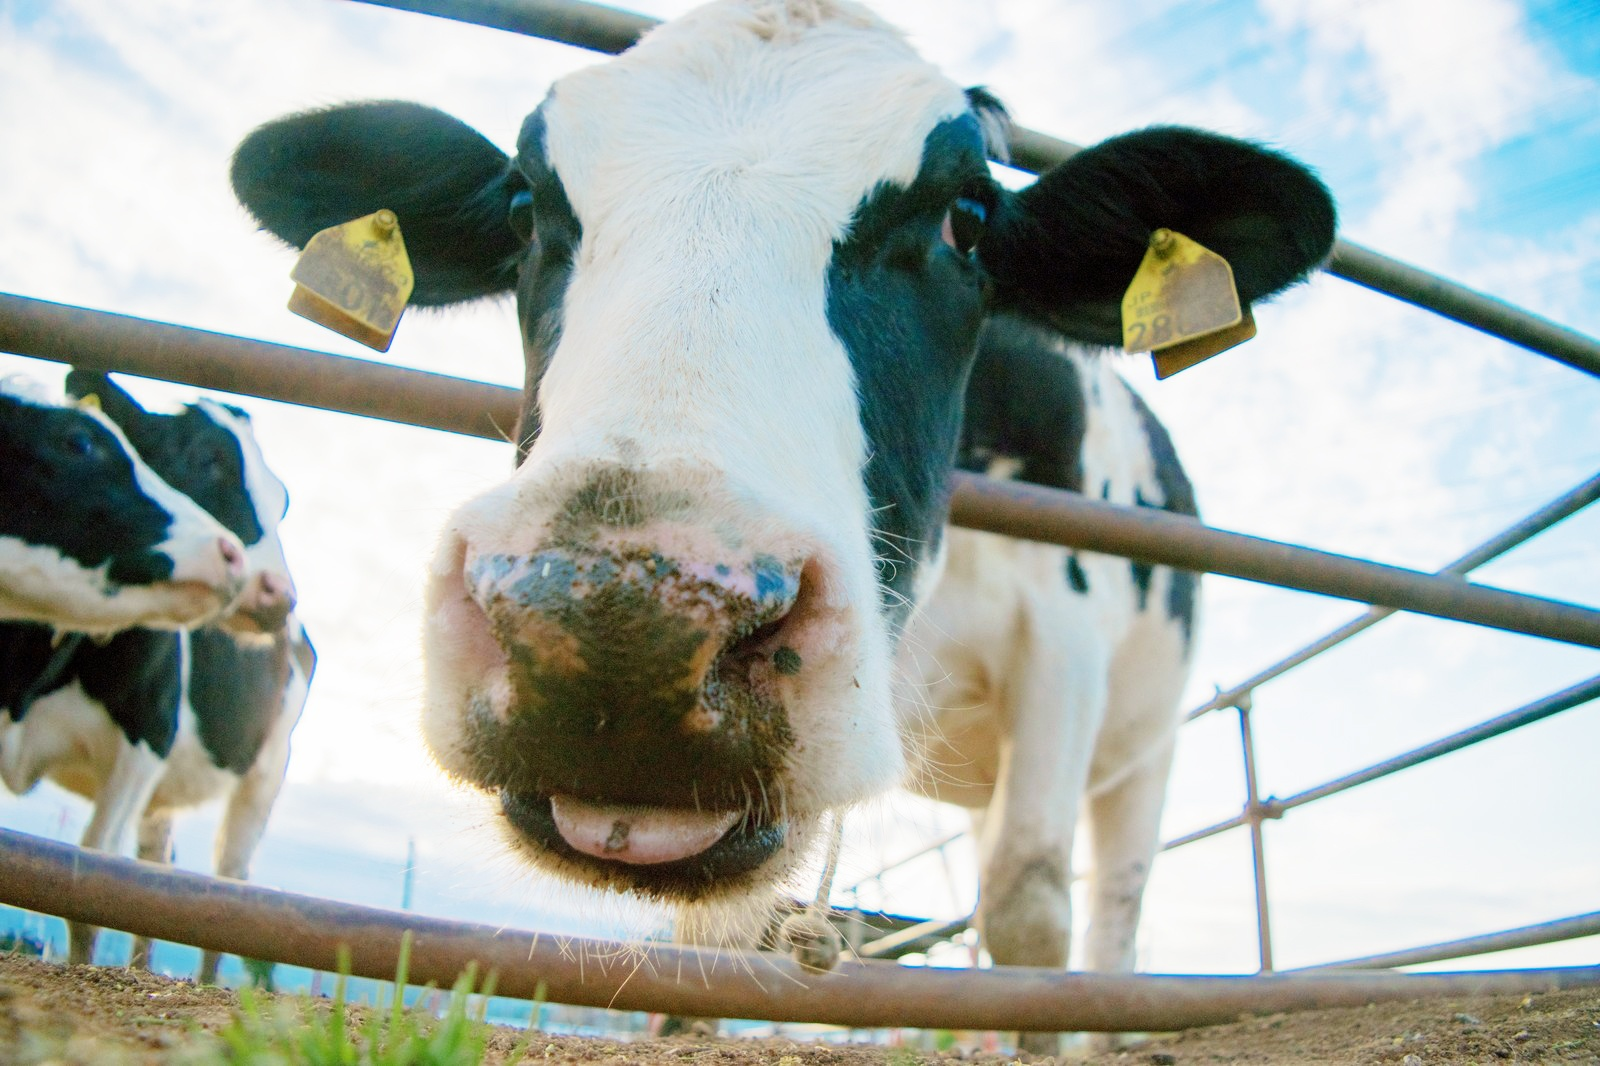 宮古島で牛乳が飲めなくなる日がやってくる・・?宮古島の牛乳事情を考える